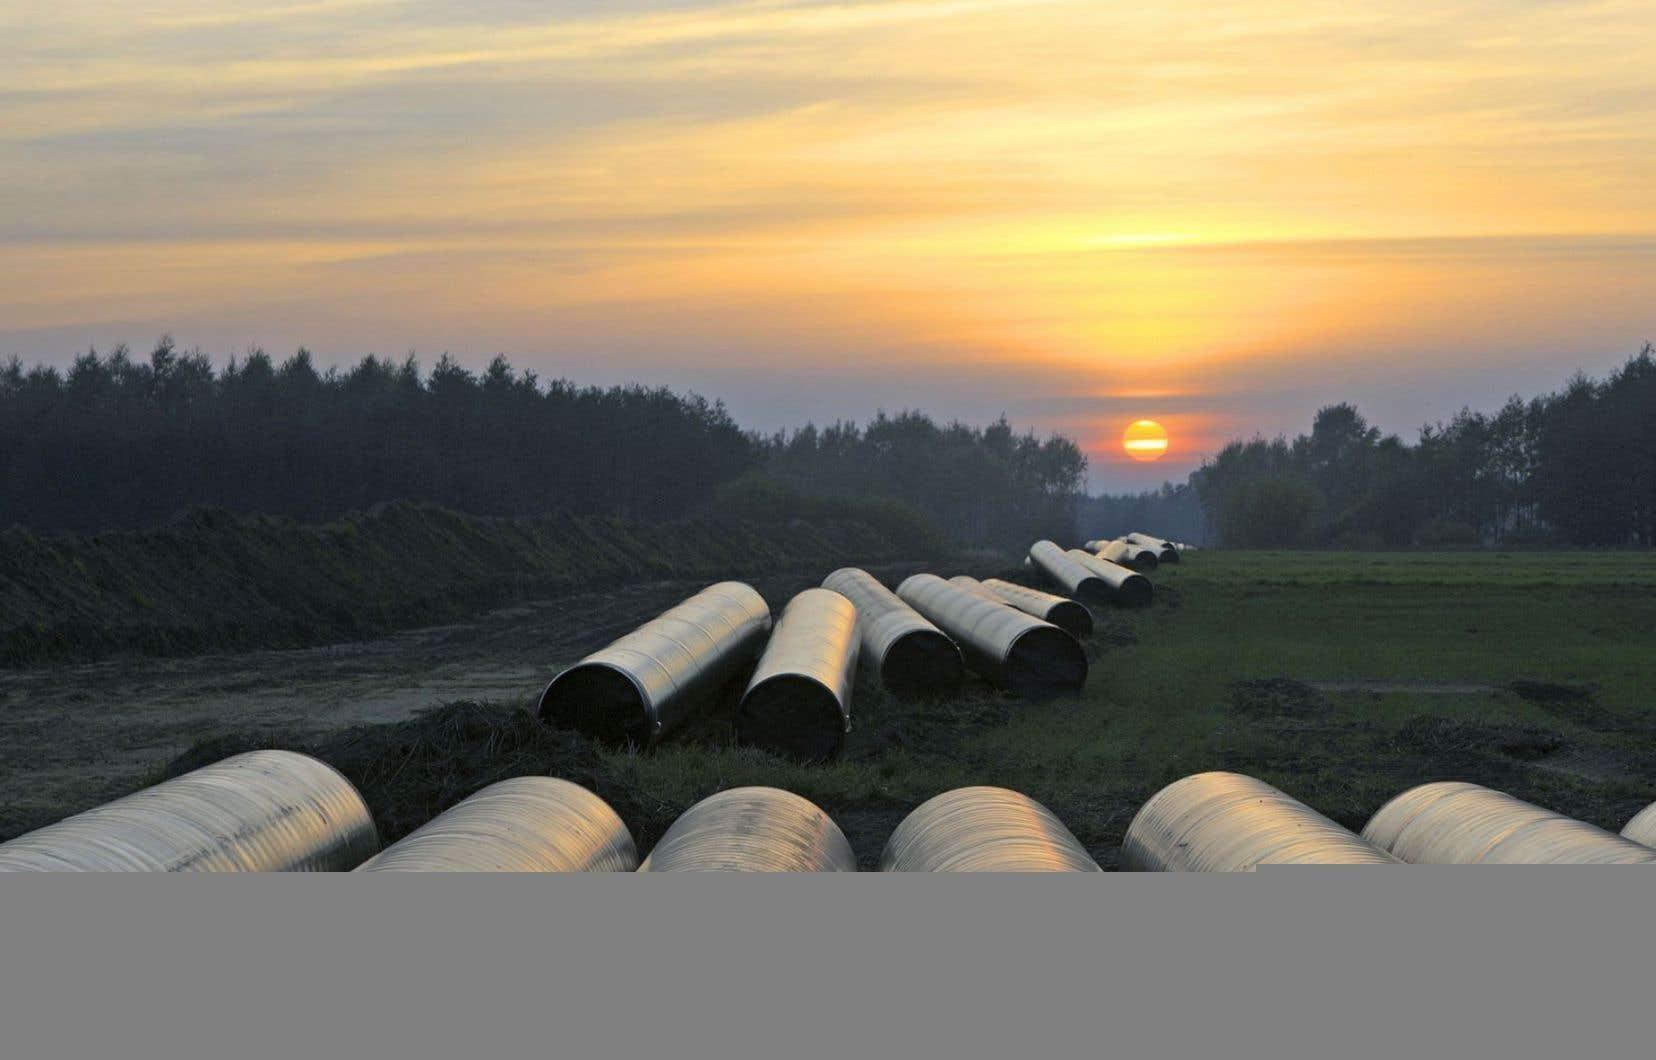 La FTQ, qui compte plusieurs membres dans le secteur industriel, déplore notamment la faible création d'emplois associée au pipeline de TransCanada.